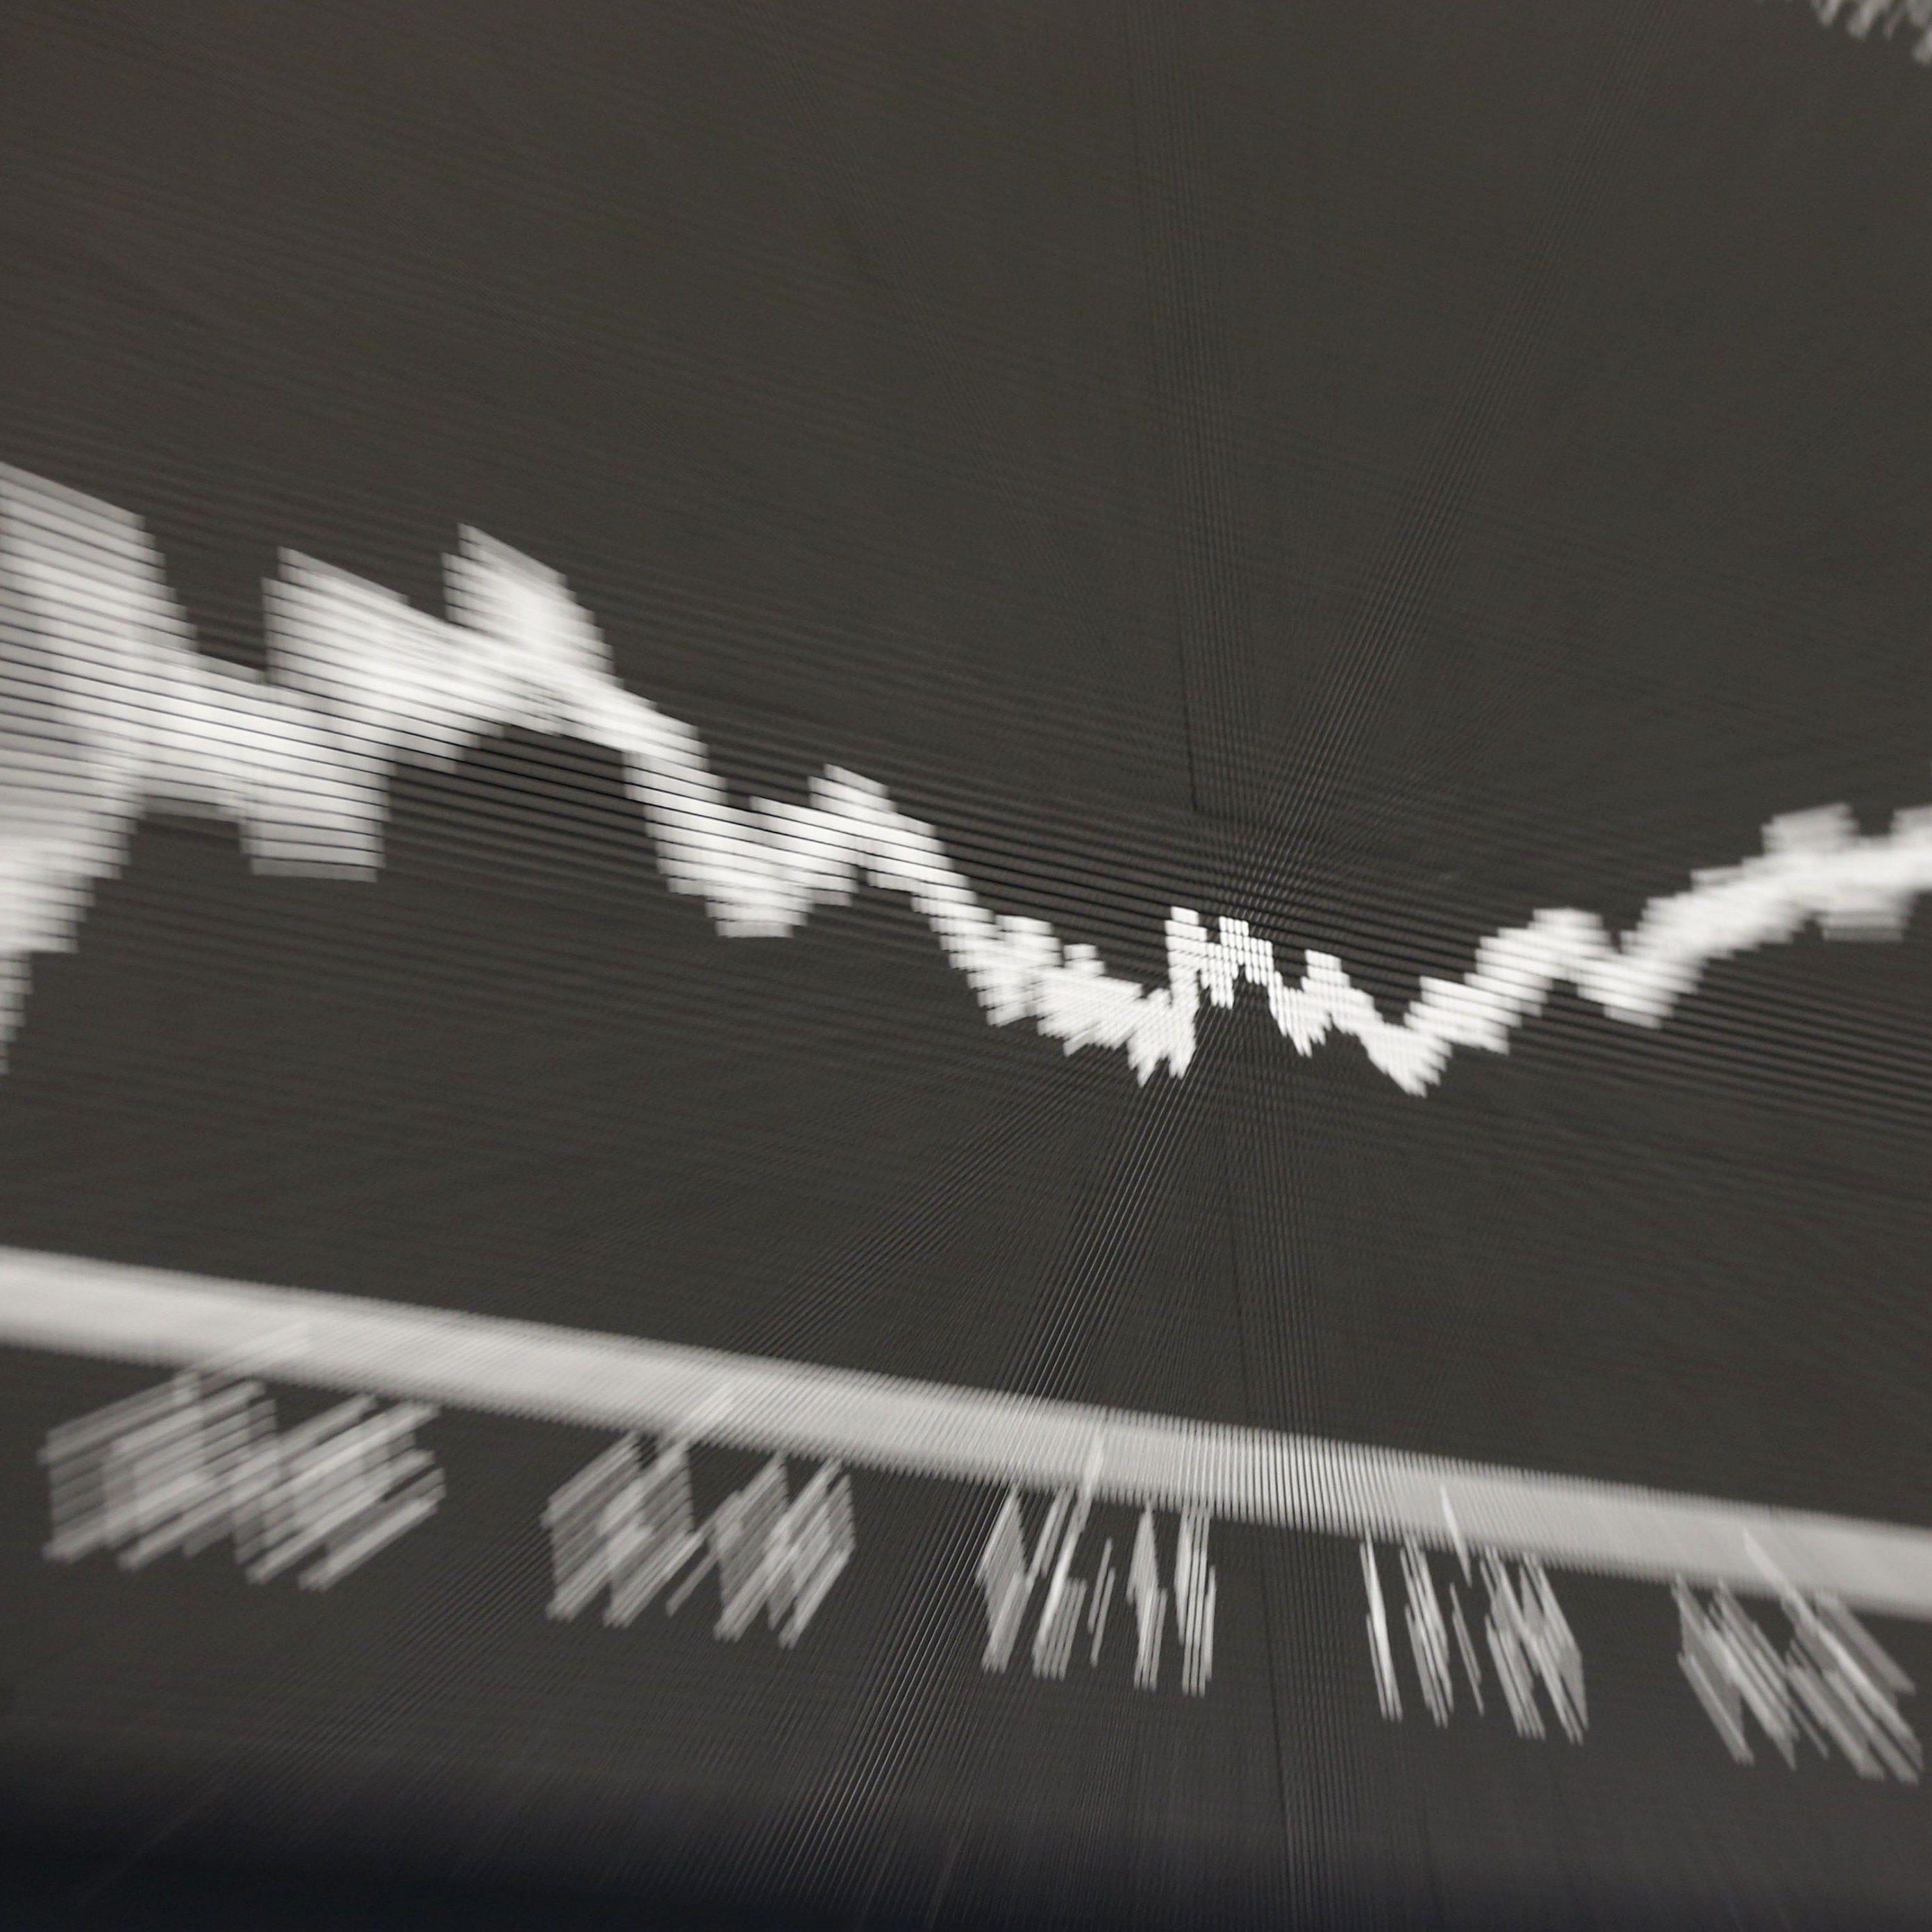 Unter 10.000 Punkte Marke: DAX im Sog des Kurseinbruchs an asiatischen Börsen.